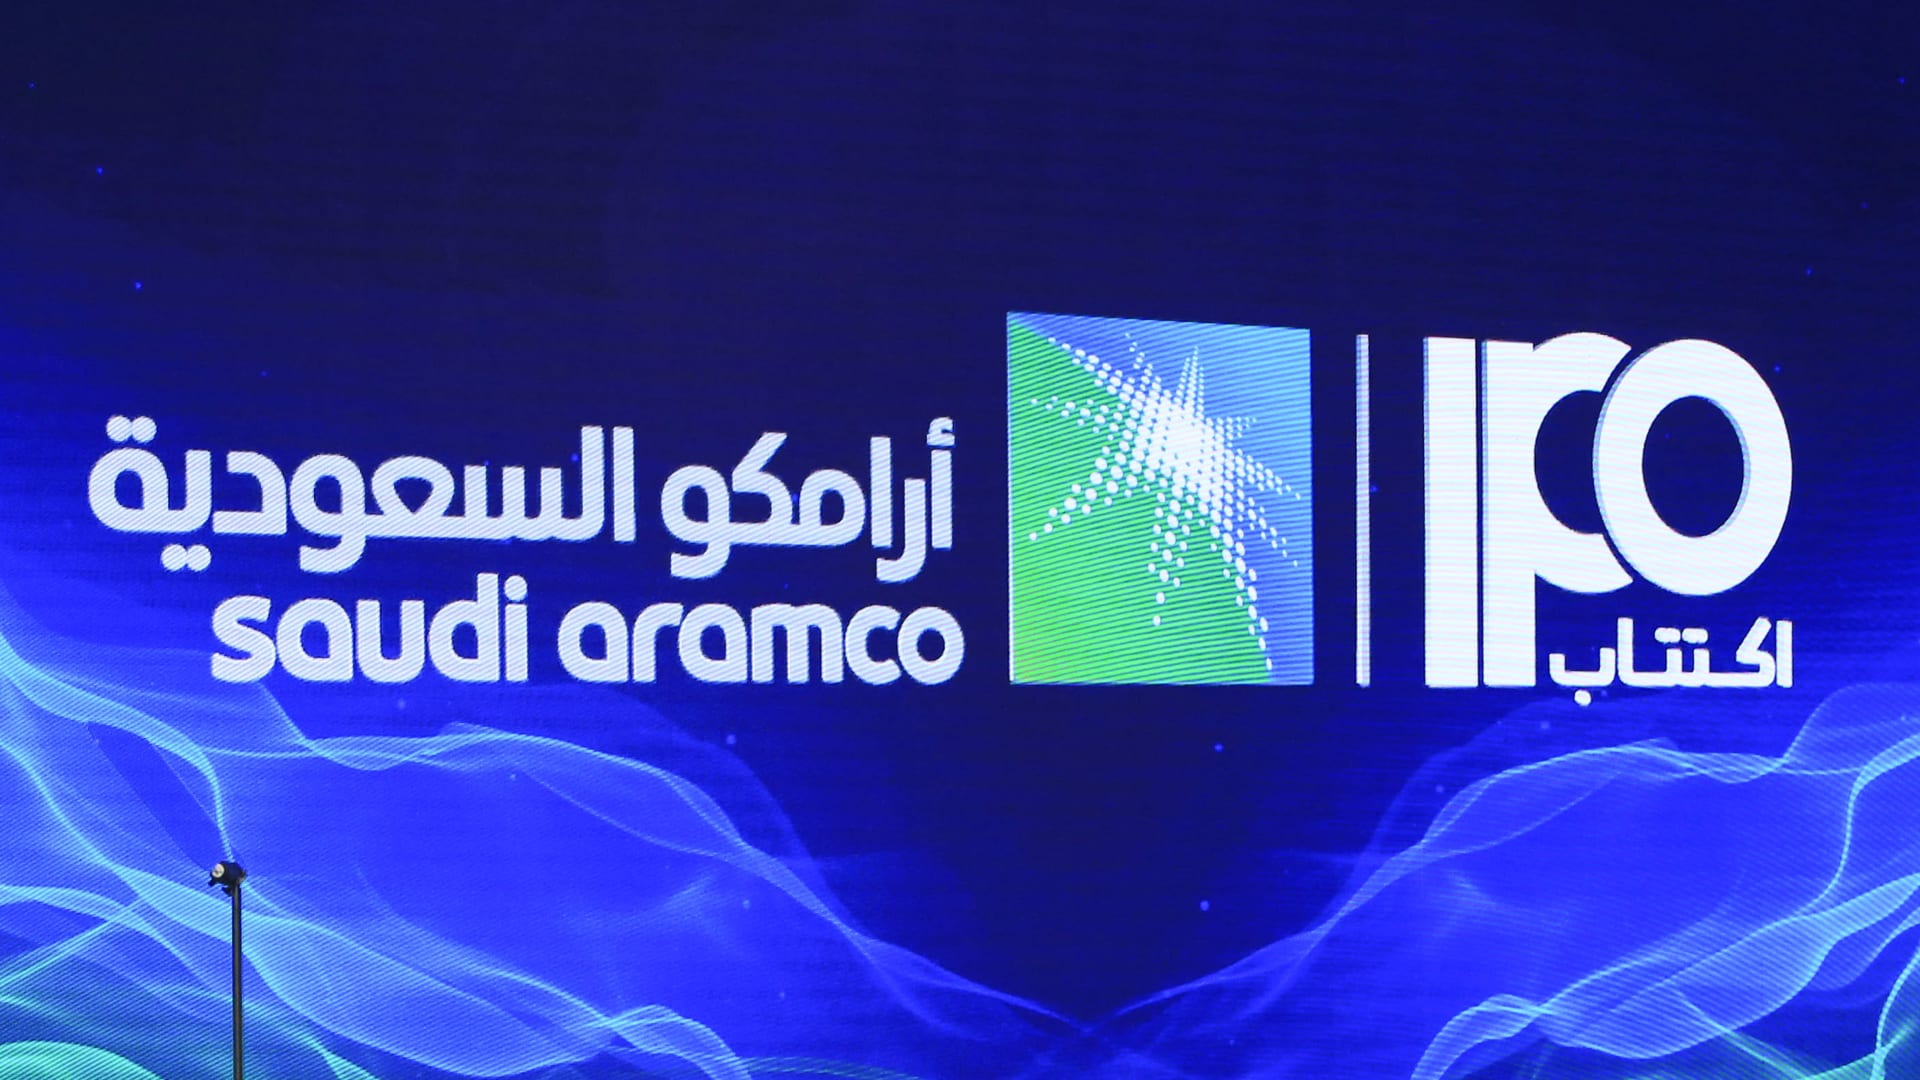 رغم التحديات.. لماذا يعتبر اكتتاب أرامكو حدثا فارقا للسعودية